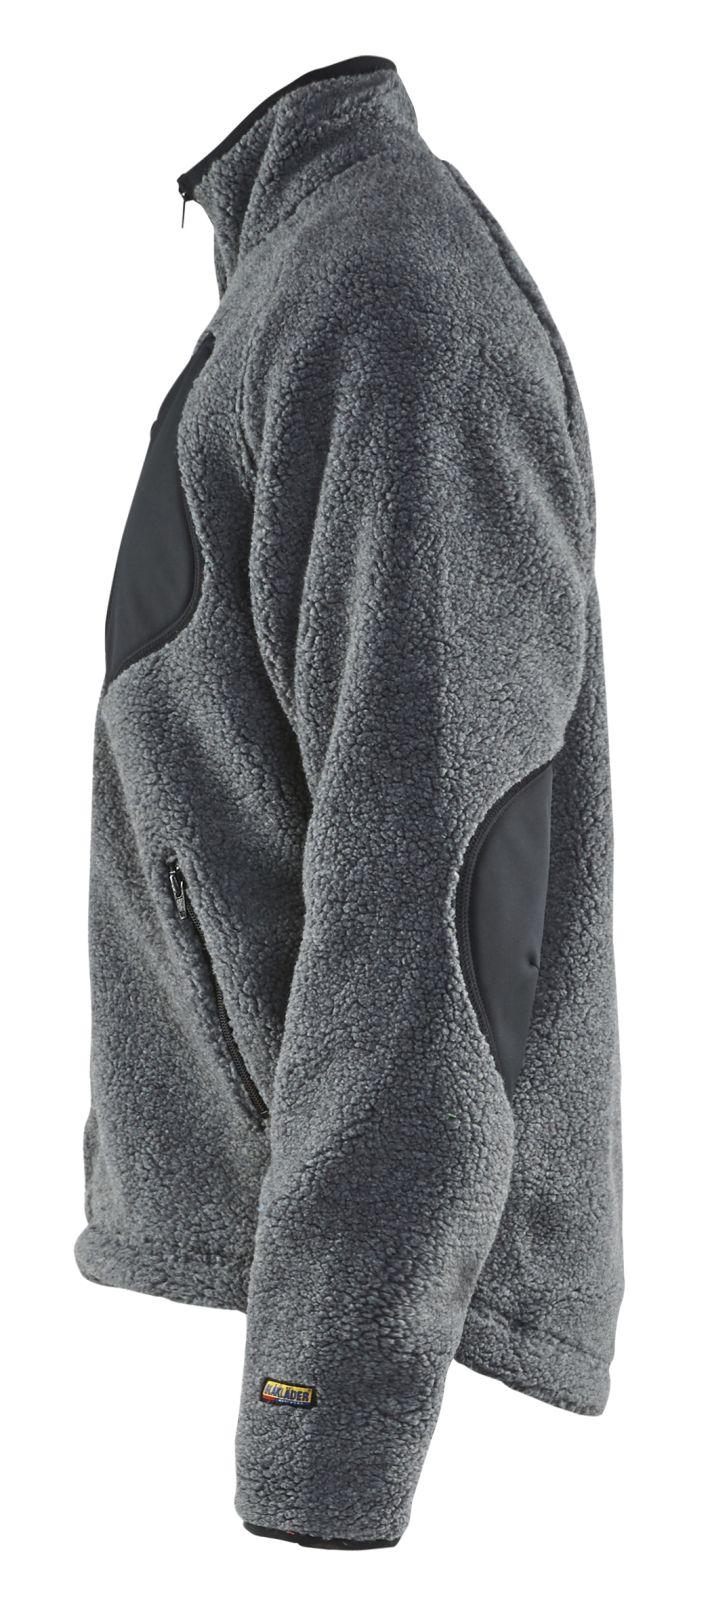 Blaklader Fleece vesten 48292505 grijs(9400)